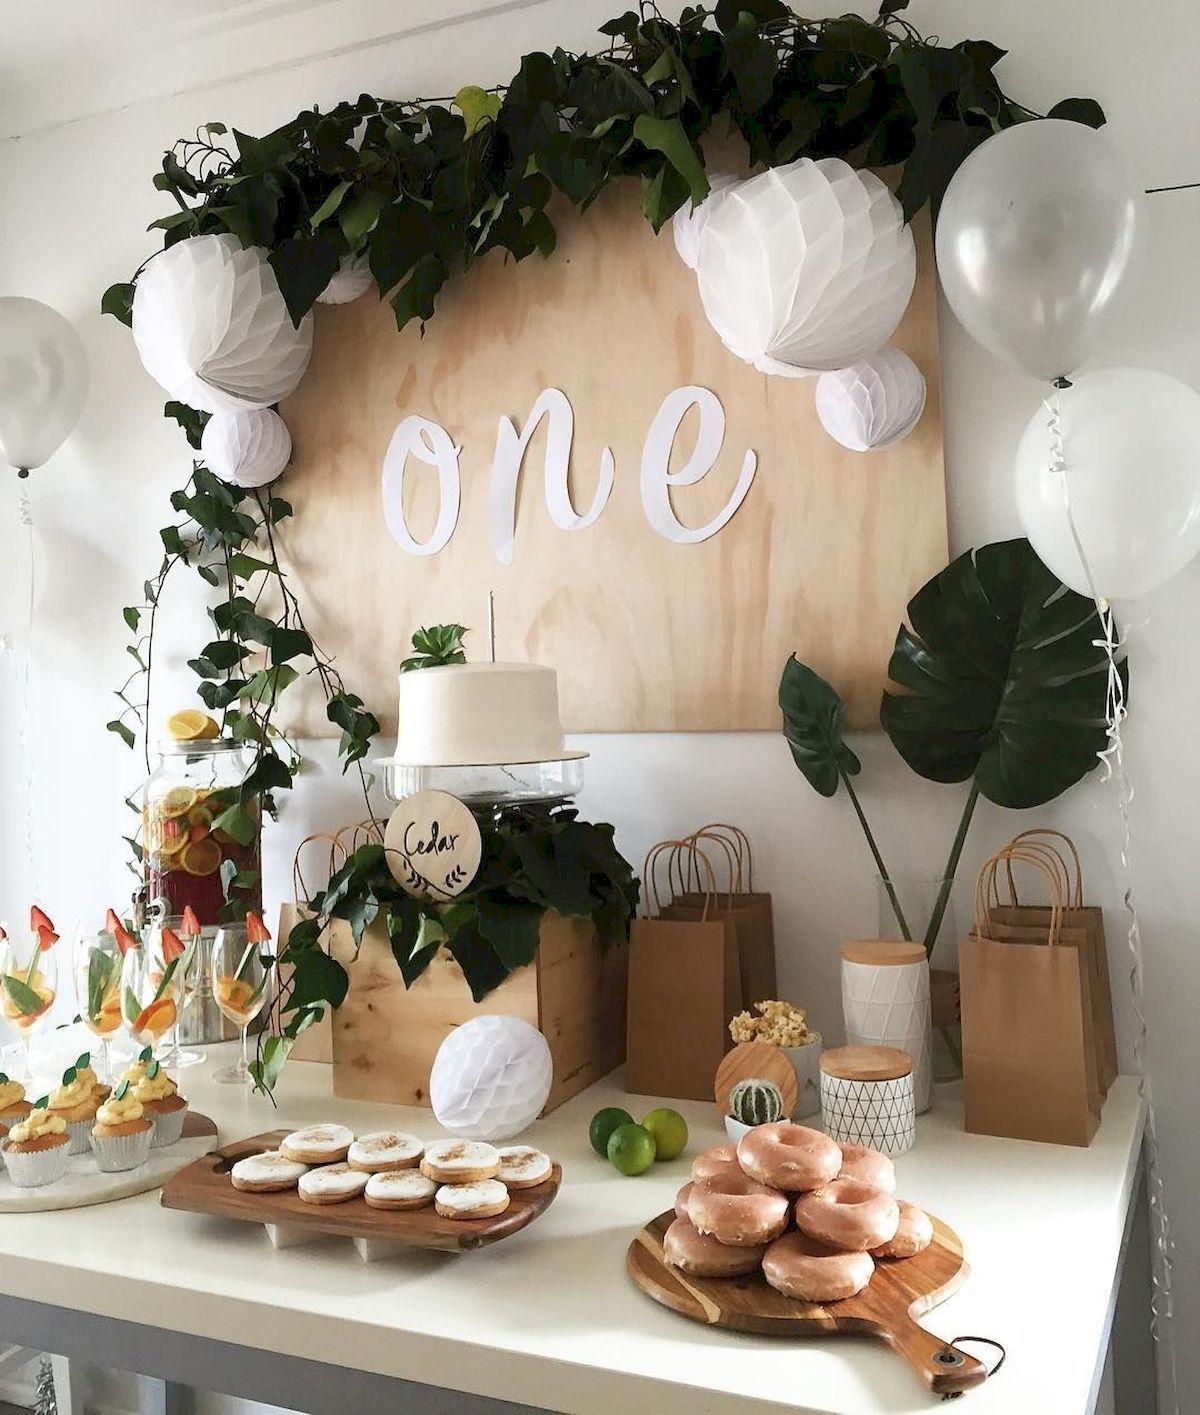 Birthday party decoration ideas also in rh pinterest